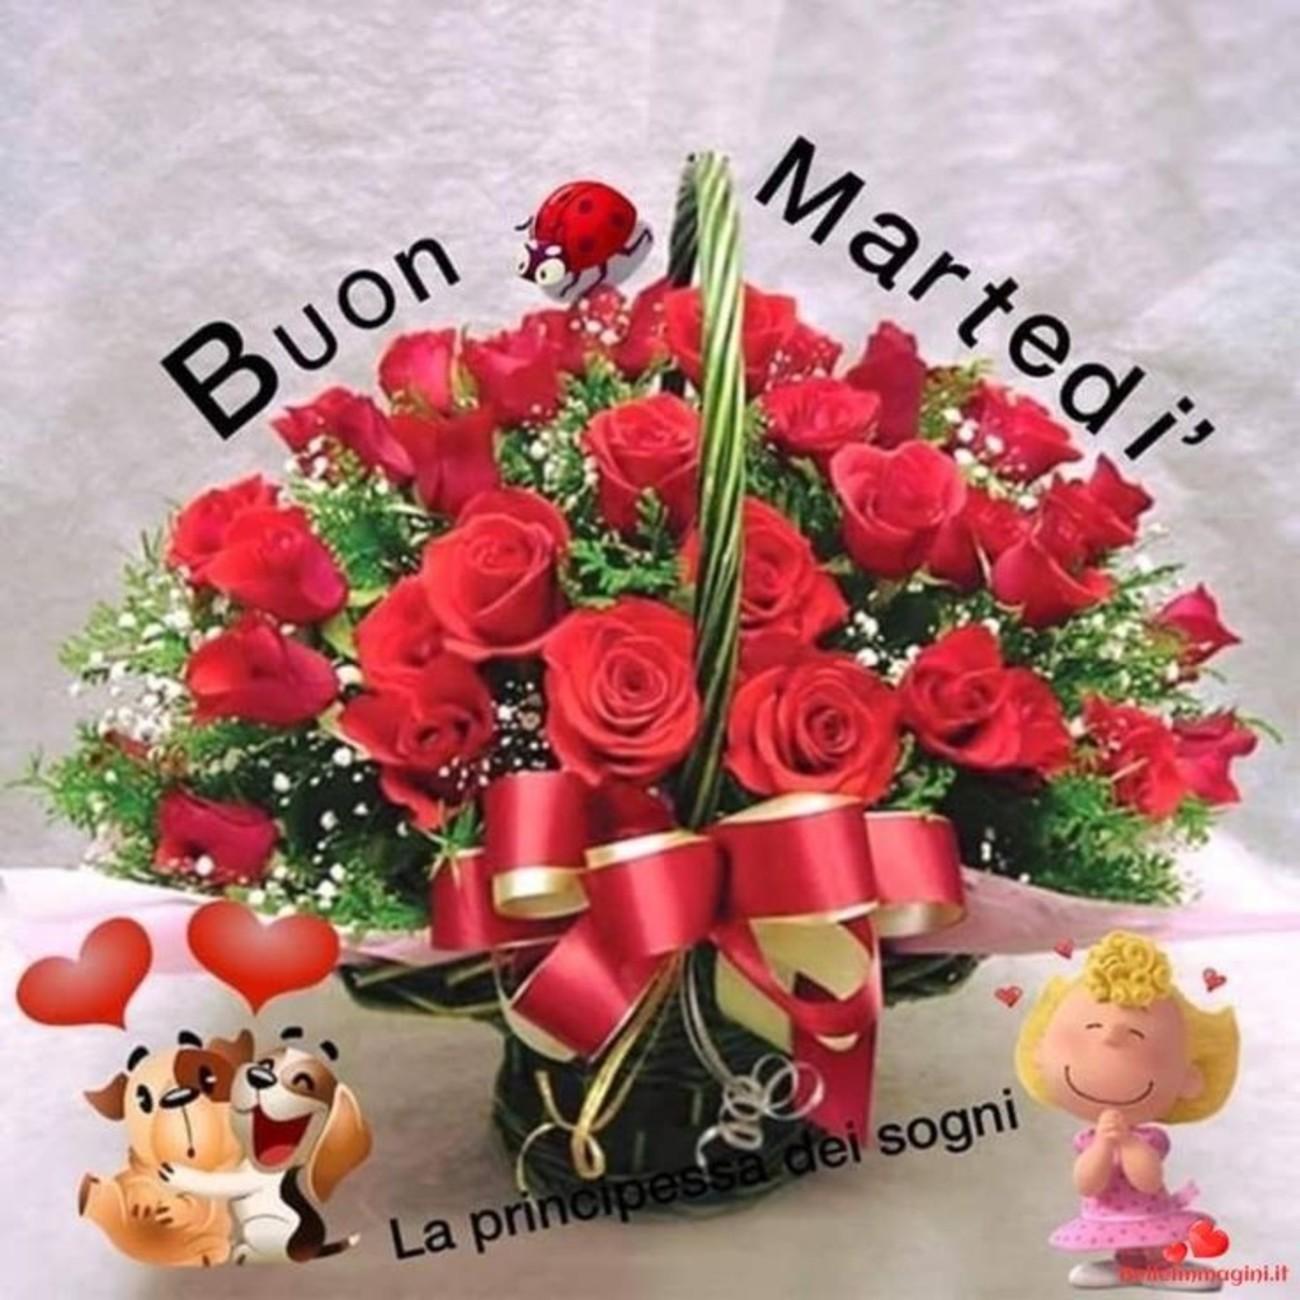 belle immagini buon martedi amore con rose (6)